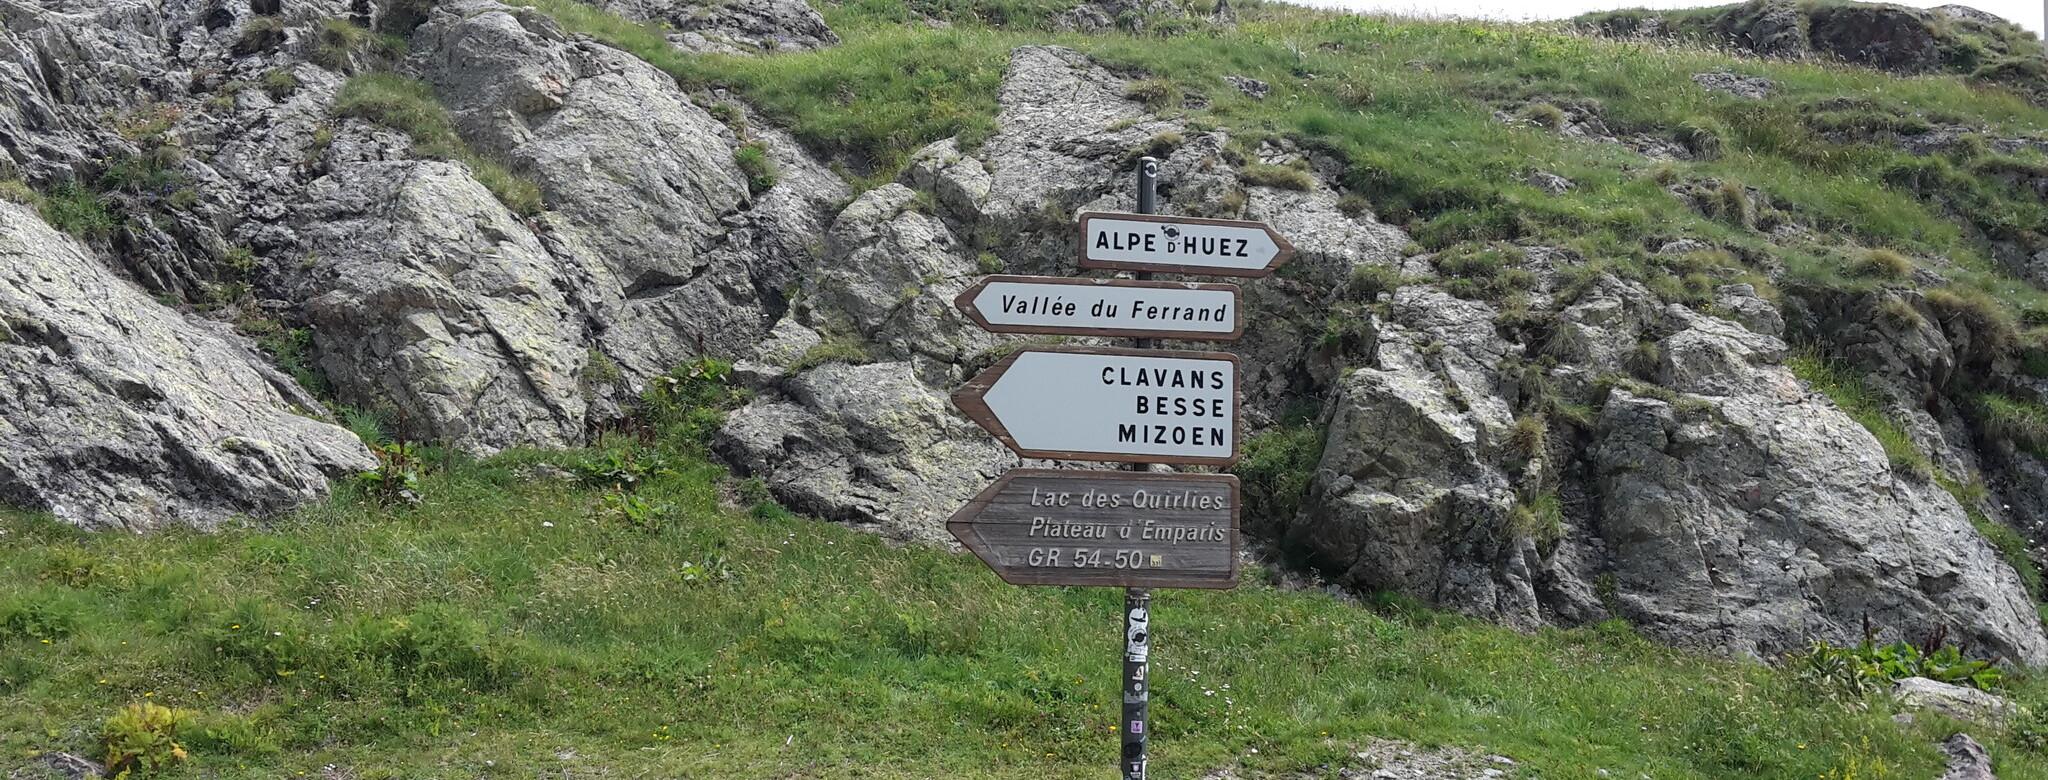 Abenteuerliche Routen